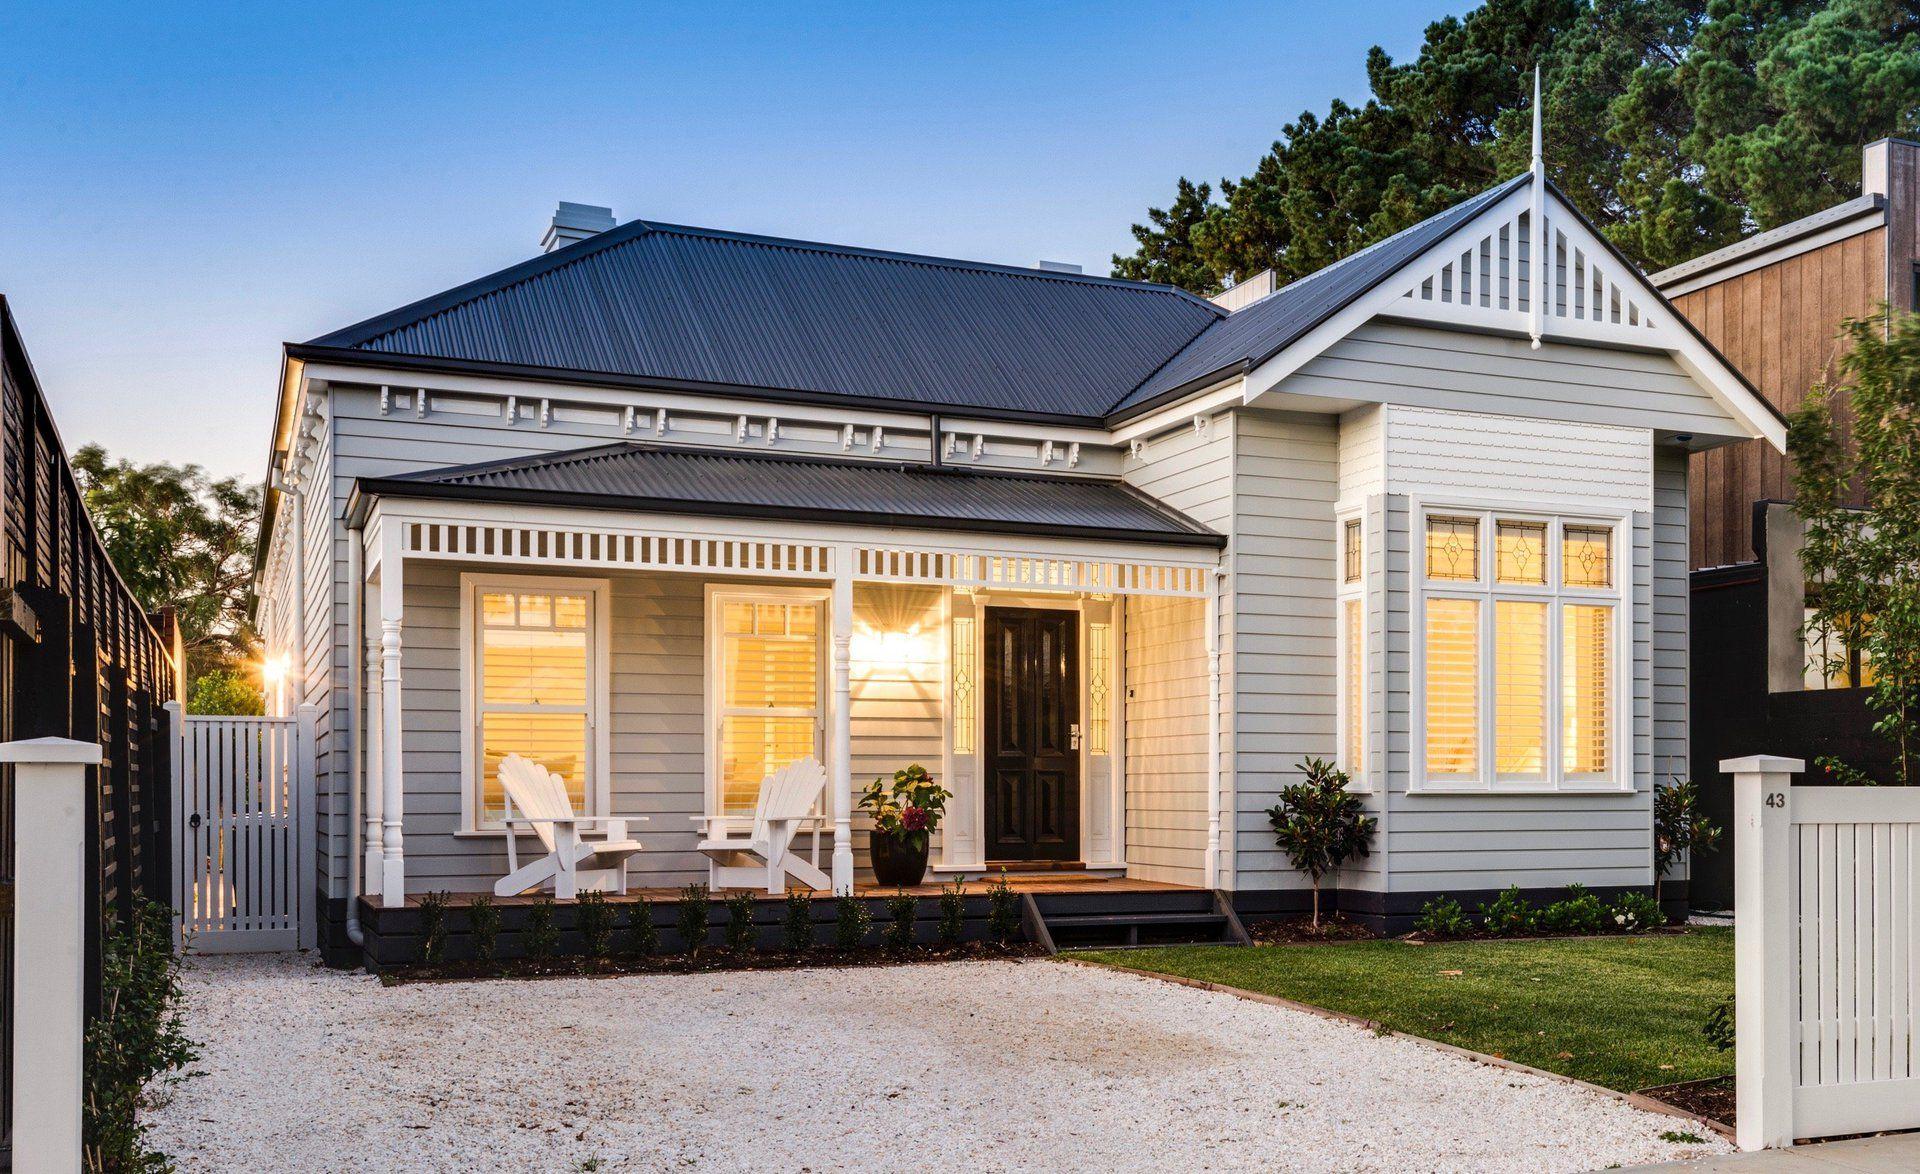 Image Result For Post War Weatherboard Houses Melbourne